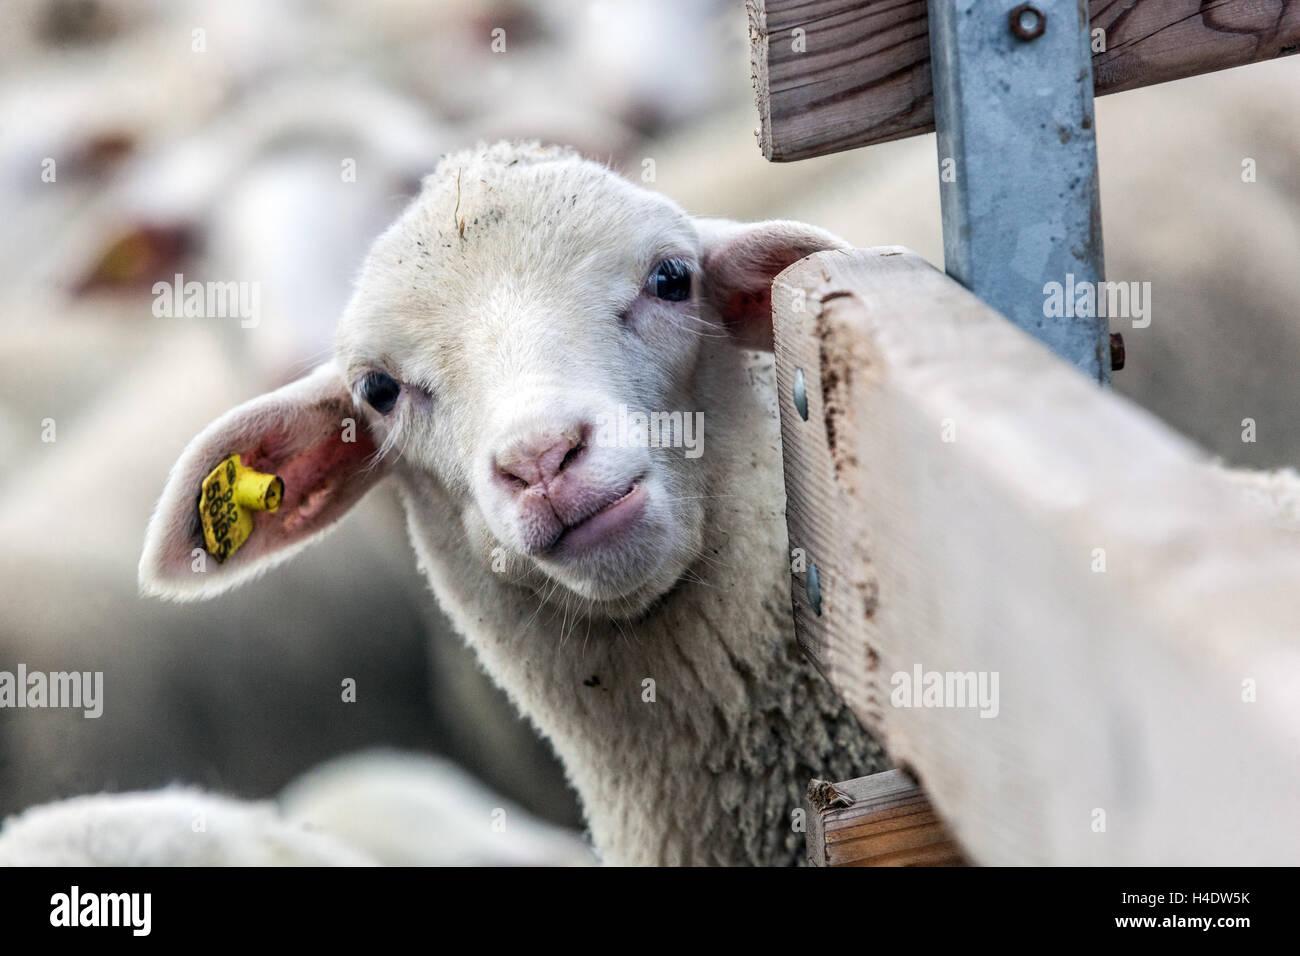 Cabeza de oveja en el granero, República Checa Imagen De Stock